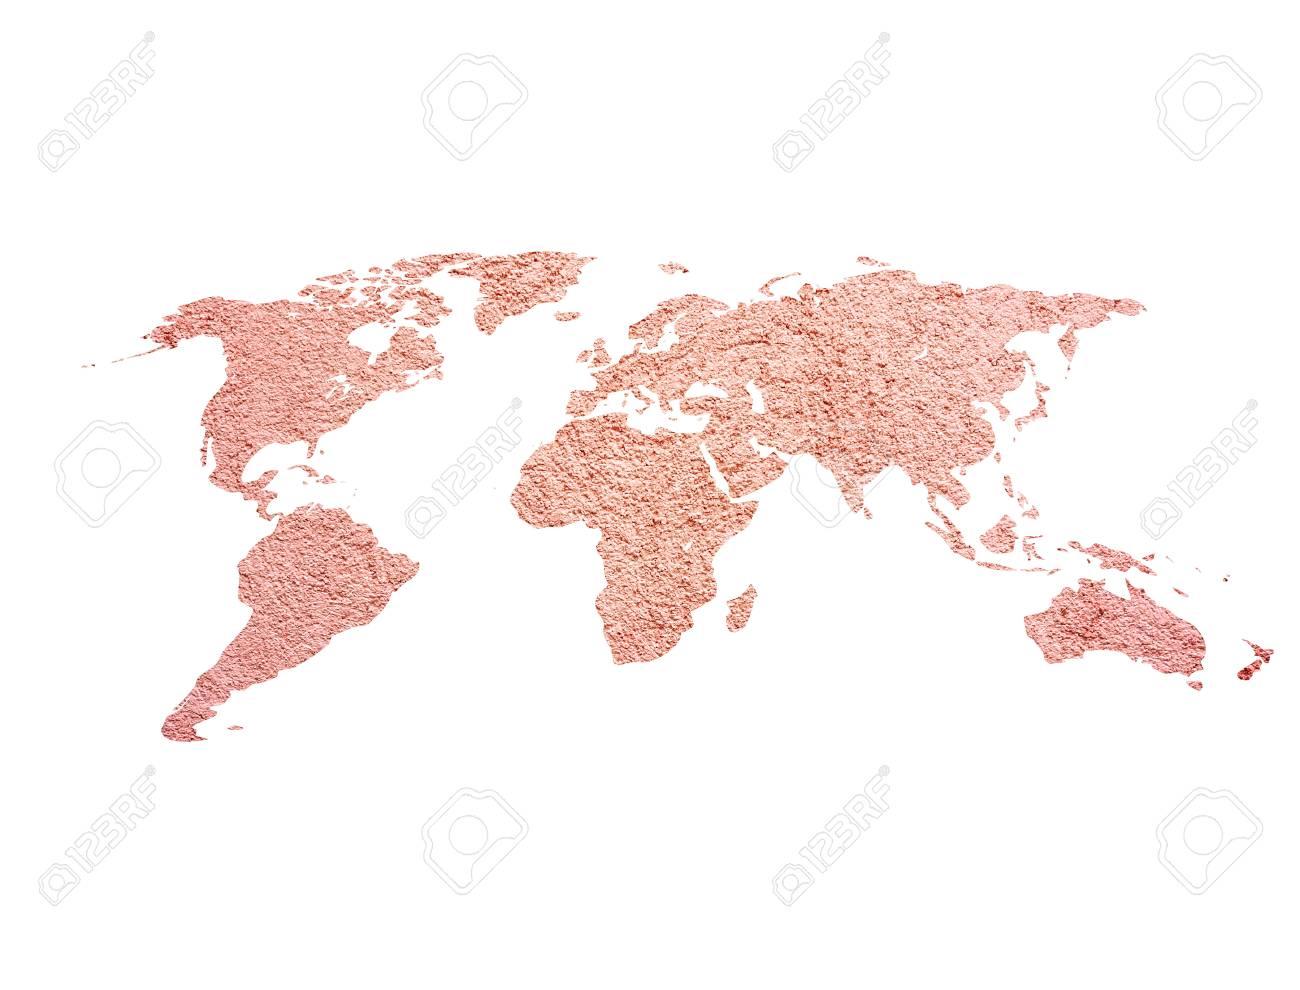 carte du monde fond d écran Carte Monde Textures Et Fonds D'écran Pour Votre Conception Banque